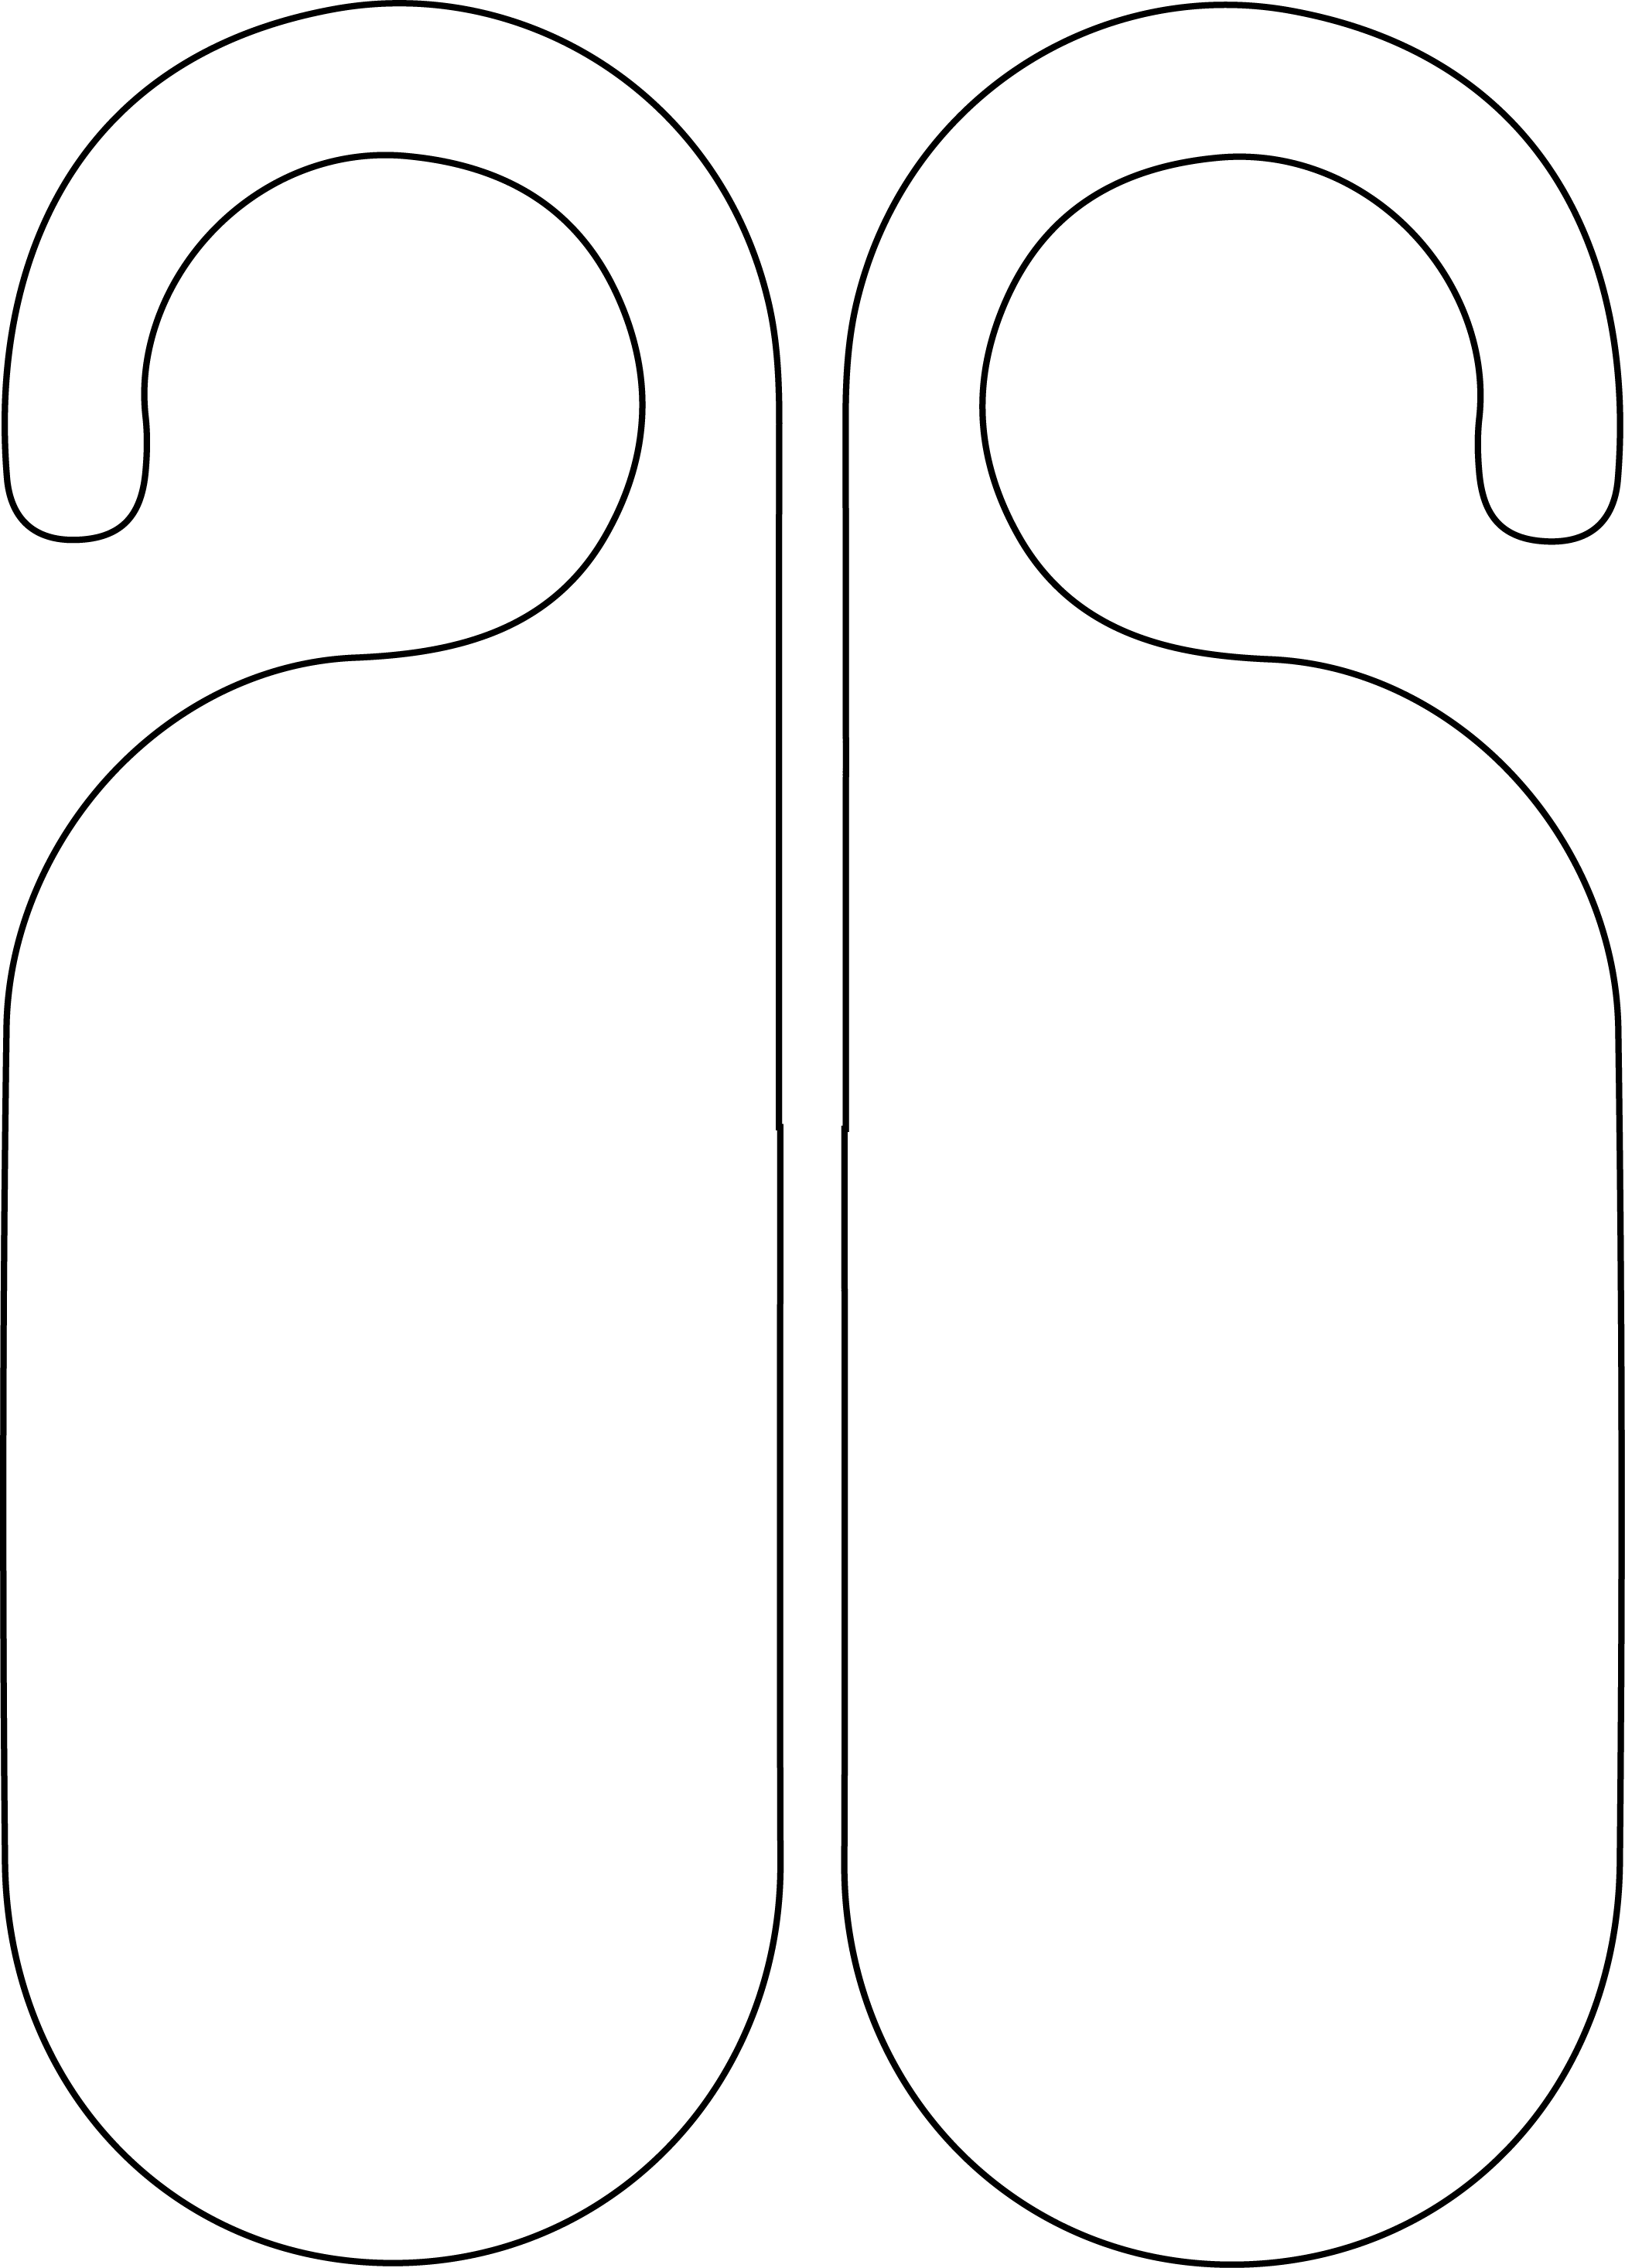 Do not disturb template by emywarrior on deviantart for Free do not disturb door hanger template